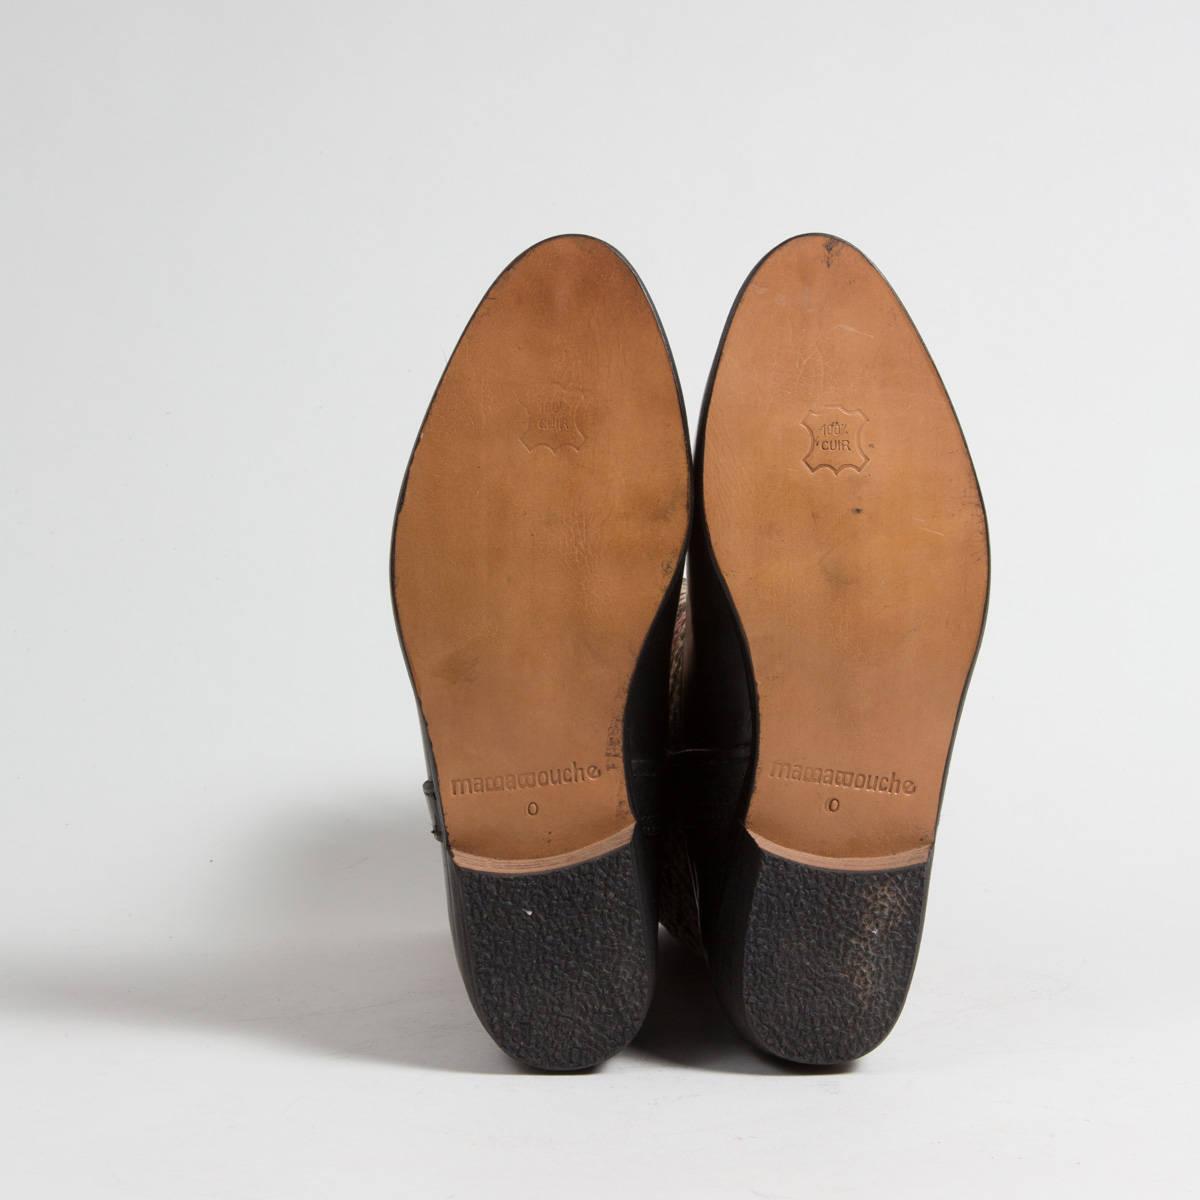 Bottines Kilim Artisanales Noires Pastel - Mujers Mujers Mujers - En cuir de veau véritable - Authentique tapis Kilim Berbère Vintage - (Réf. RPN9-38) 2163c2